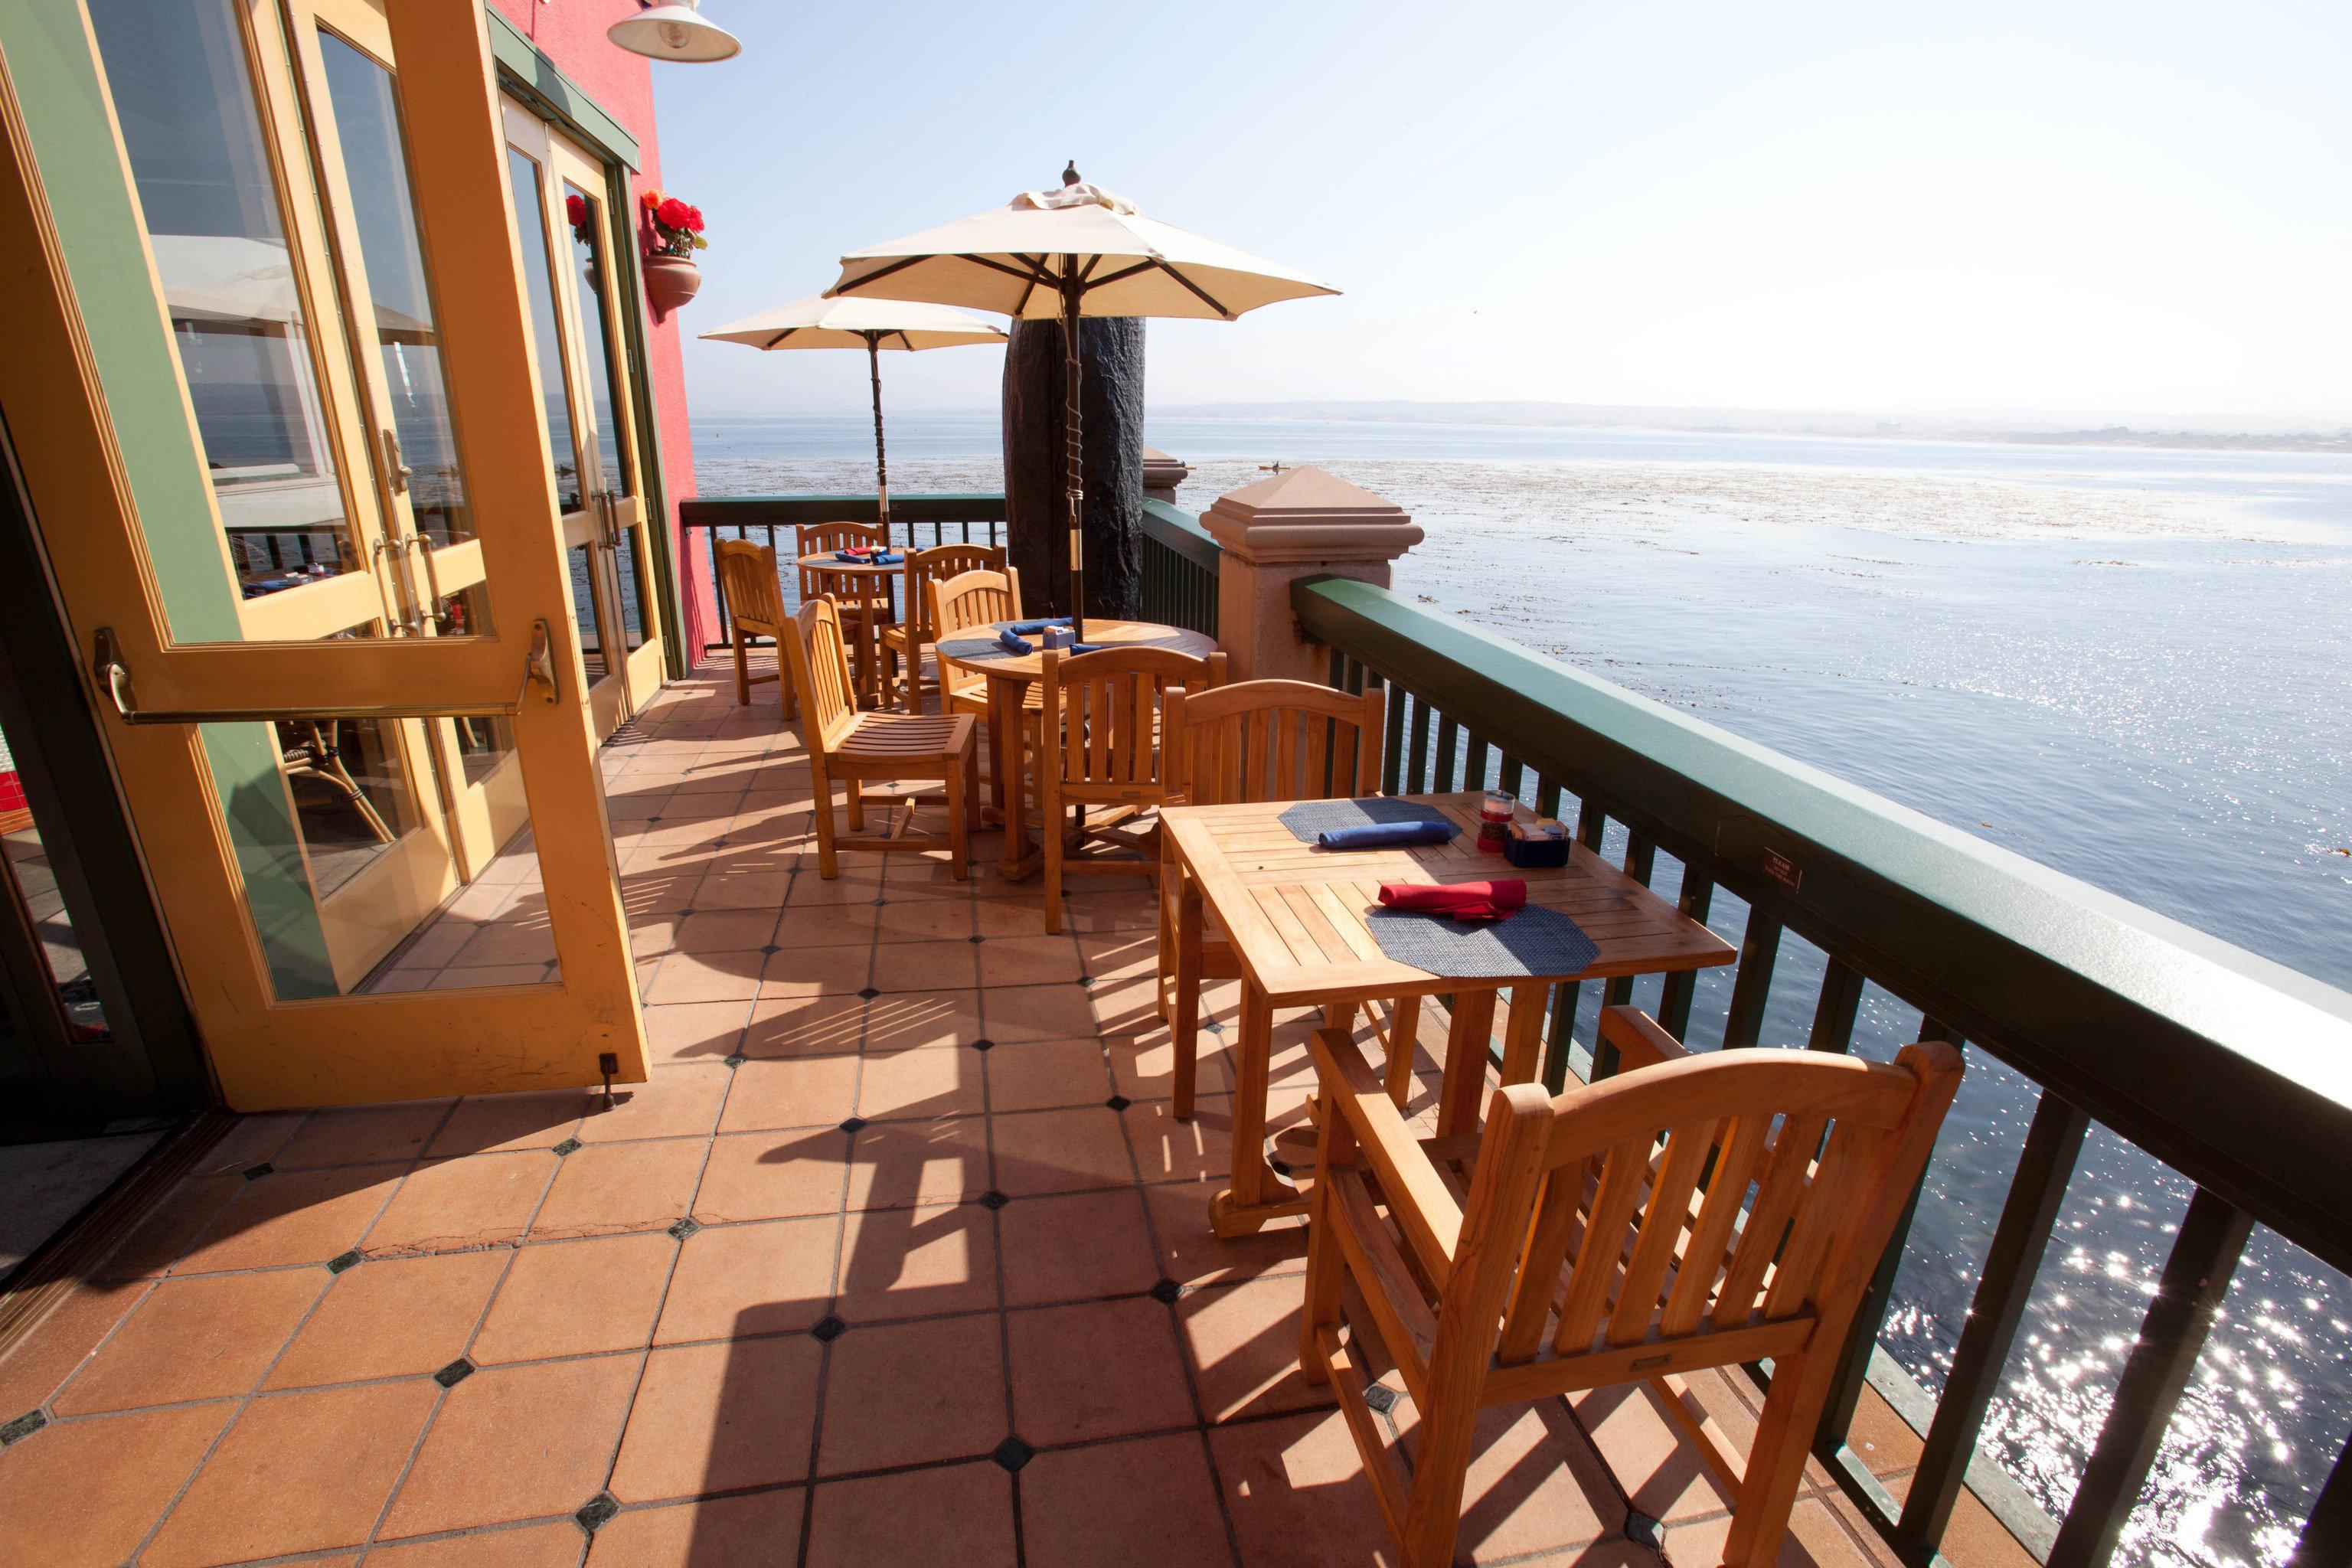 chair property Resort wooden cottage Villa home restaurant Deck